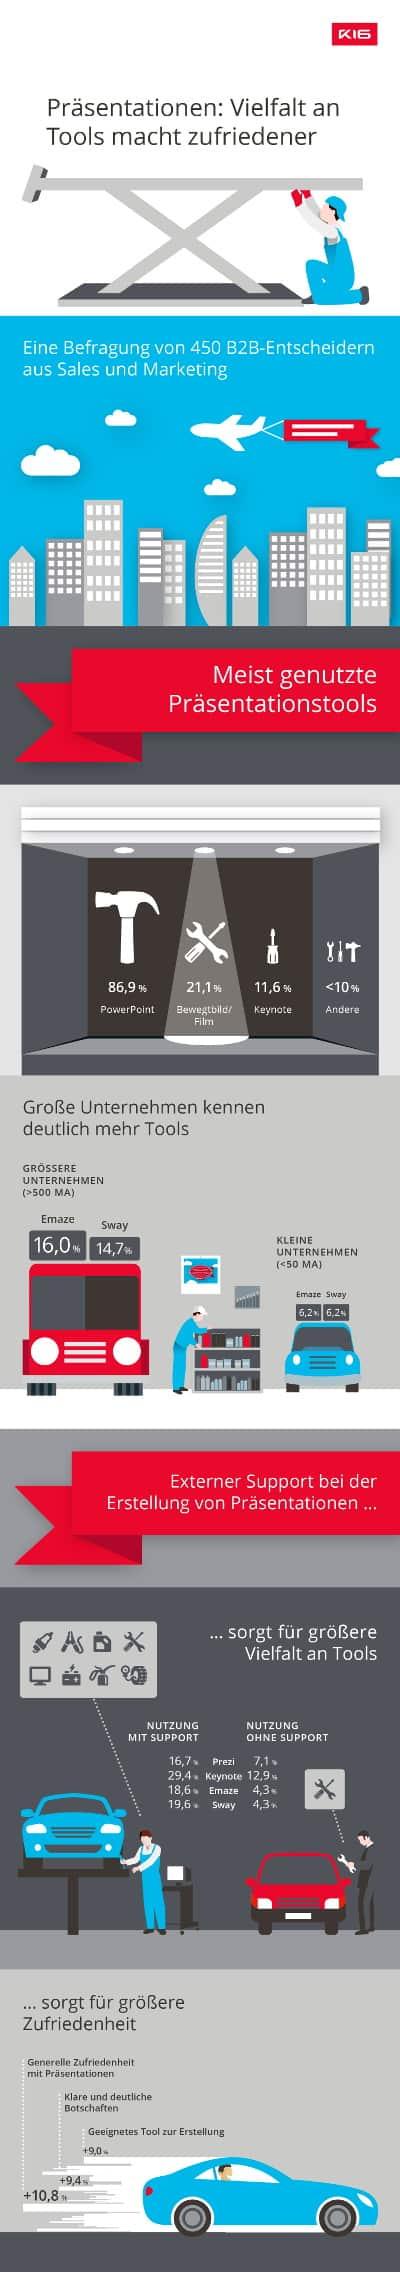 GfK-Studie - Bei der Präsentationsgestaltung fehlt es an Mut und Innovation